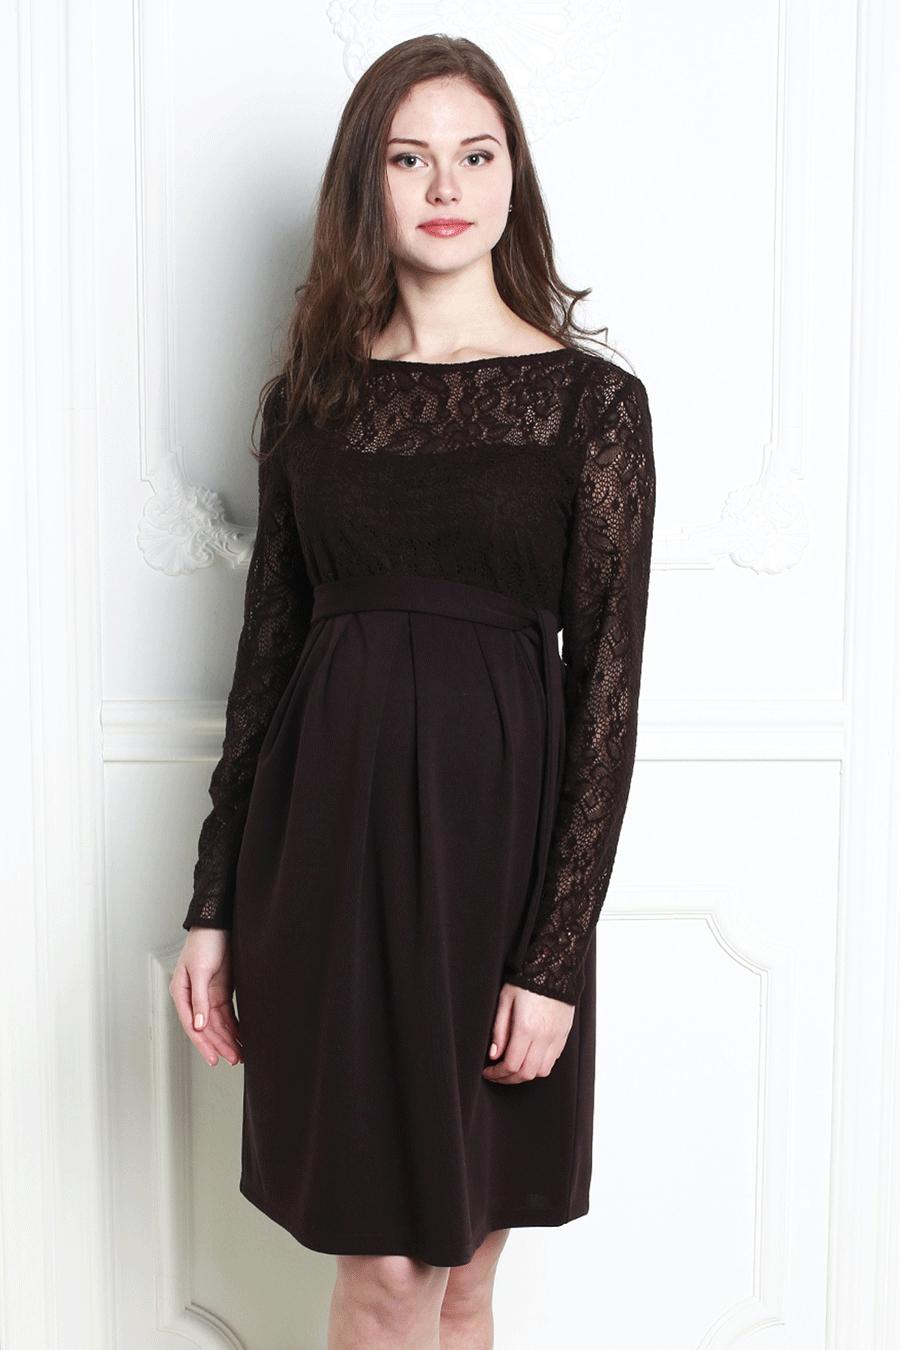 ПлатьеПлатья<br>Нарядное платье с длинными рукавами из гипюра. Модель выполнена из приятного трикотажа. Отличный выбор для любого торжества.  За счет свободного кроя и эластичного материала изделие можно носить во время беременности Ростовка 170-176 см.  Цвет: коричневый  Рост девушки-фотомодели 180 см<br><br>Горловина: С- горловина<br>По длине: До колена<br>По материалу: Гипюр,Трикотаж<br>По рисунку: Однотонные<br>По силуэту: Полуприталенные<br>По стилю: Нарядный стиль,Повседневный стиль<br>По элементам: Со складками,С завышенной талией<br>Рукав: Длинный рукав<br>По сезону: Осень,Весна<br>По форме: Платье - футляр<br>Размер : 46,50<br>Материал: Джерси + Гипюр<br>Количество в наличии: 2